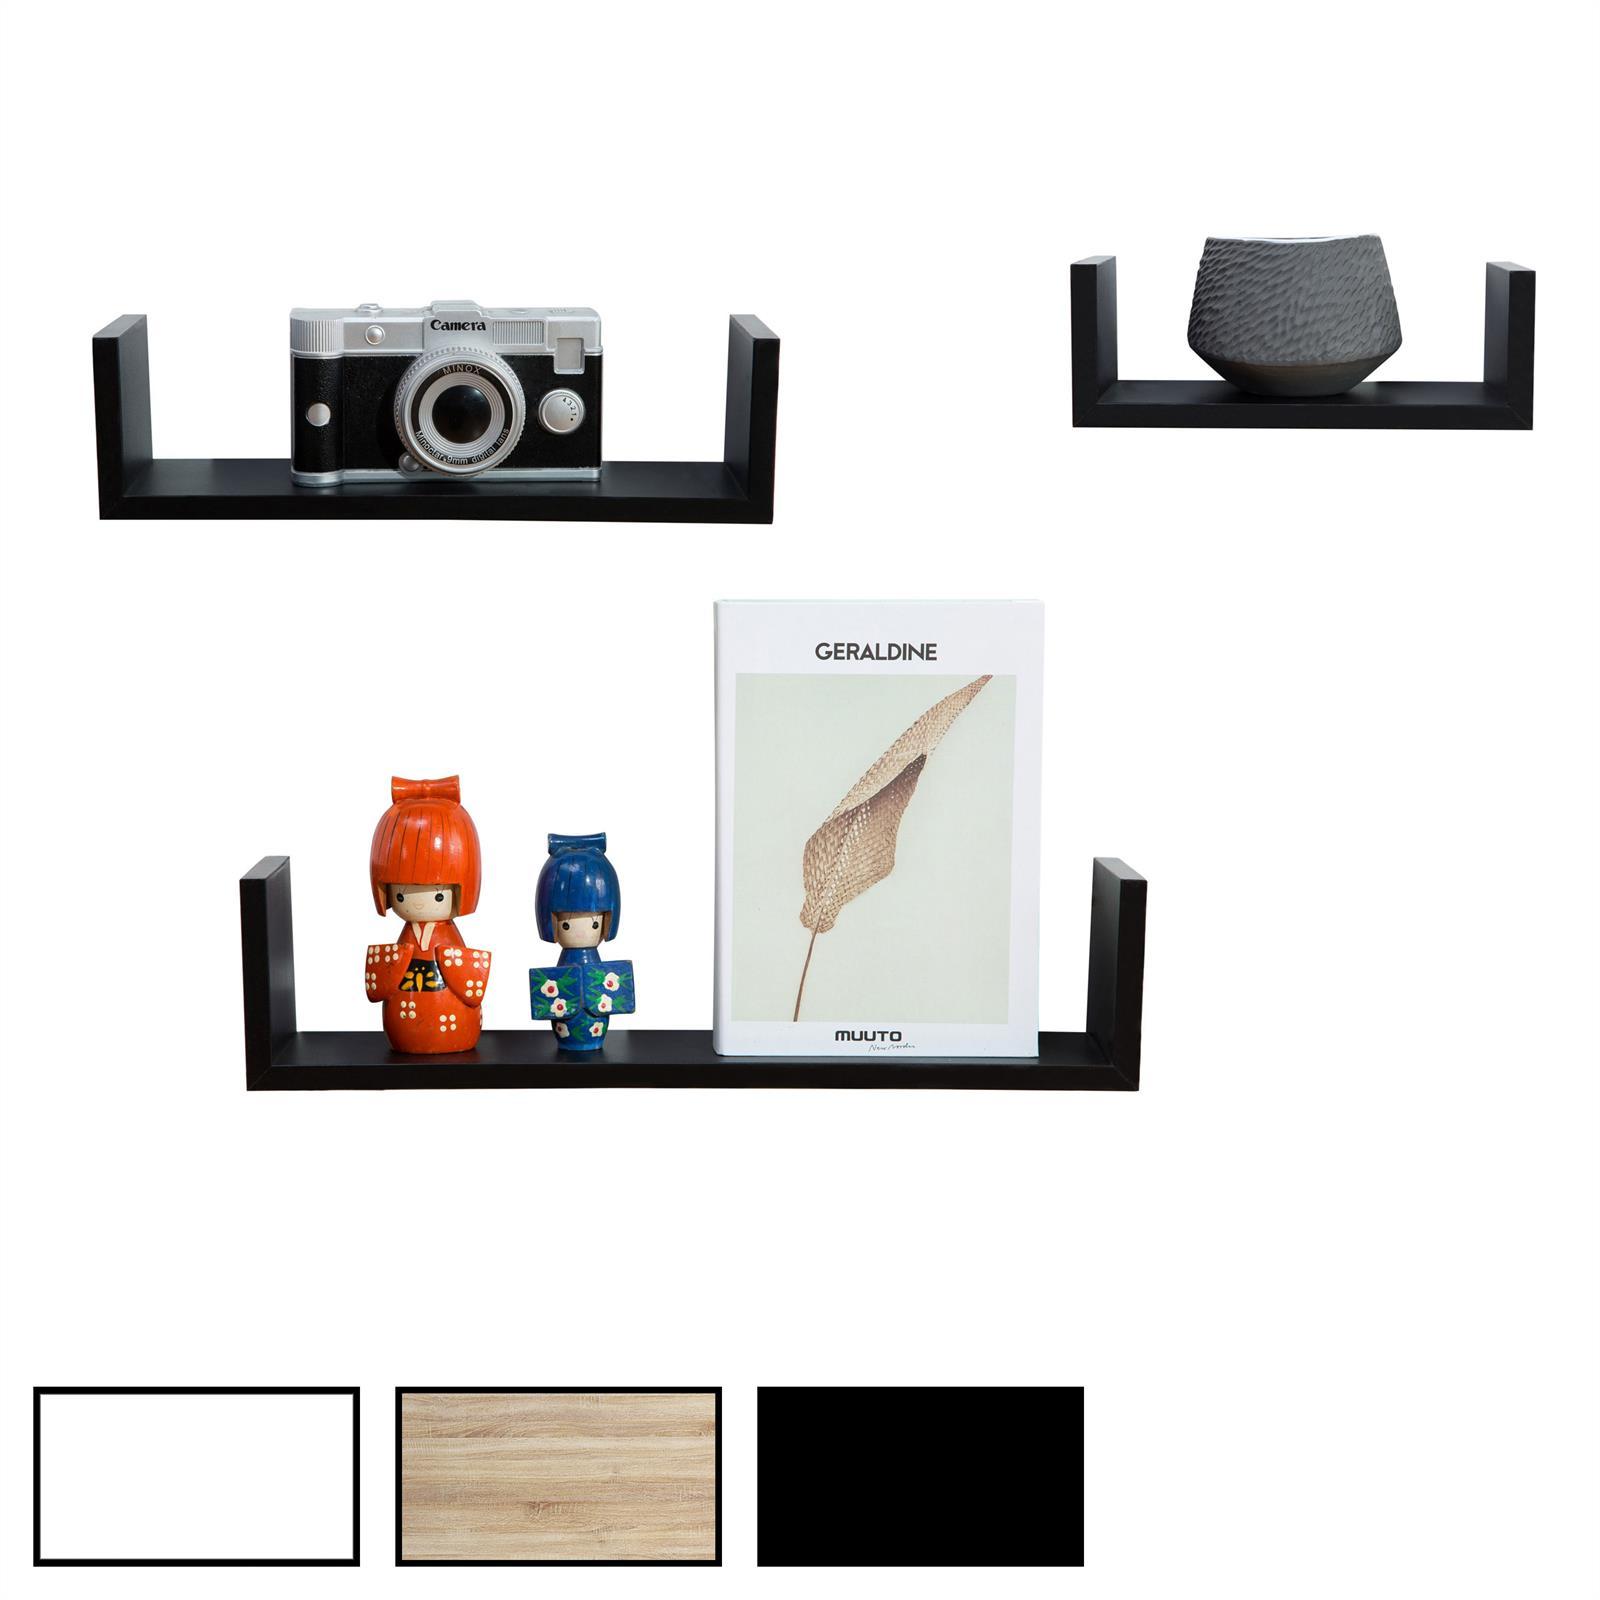 wandregal h ngeregal 3er set cairns mobilia24. Black Bedroom Furniture Sets. Home Design Ideas